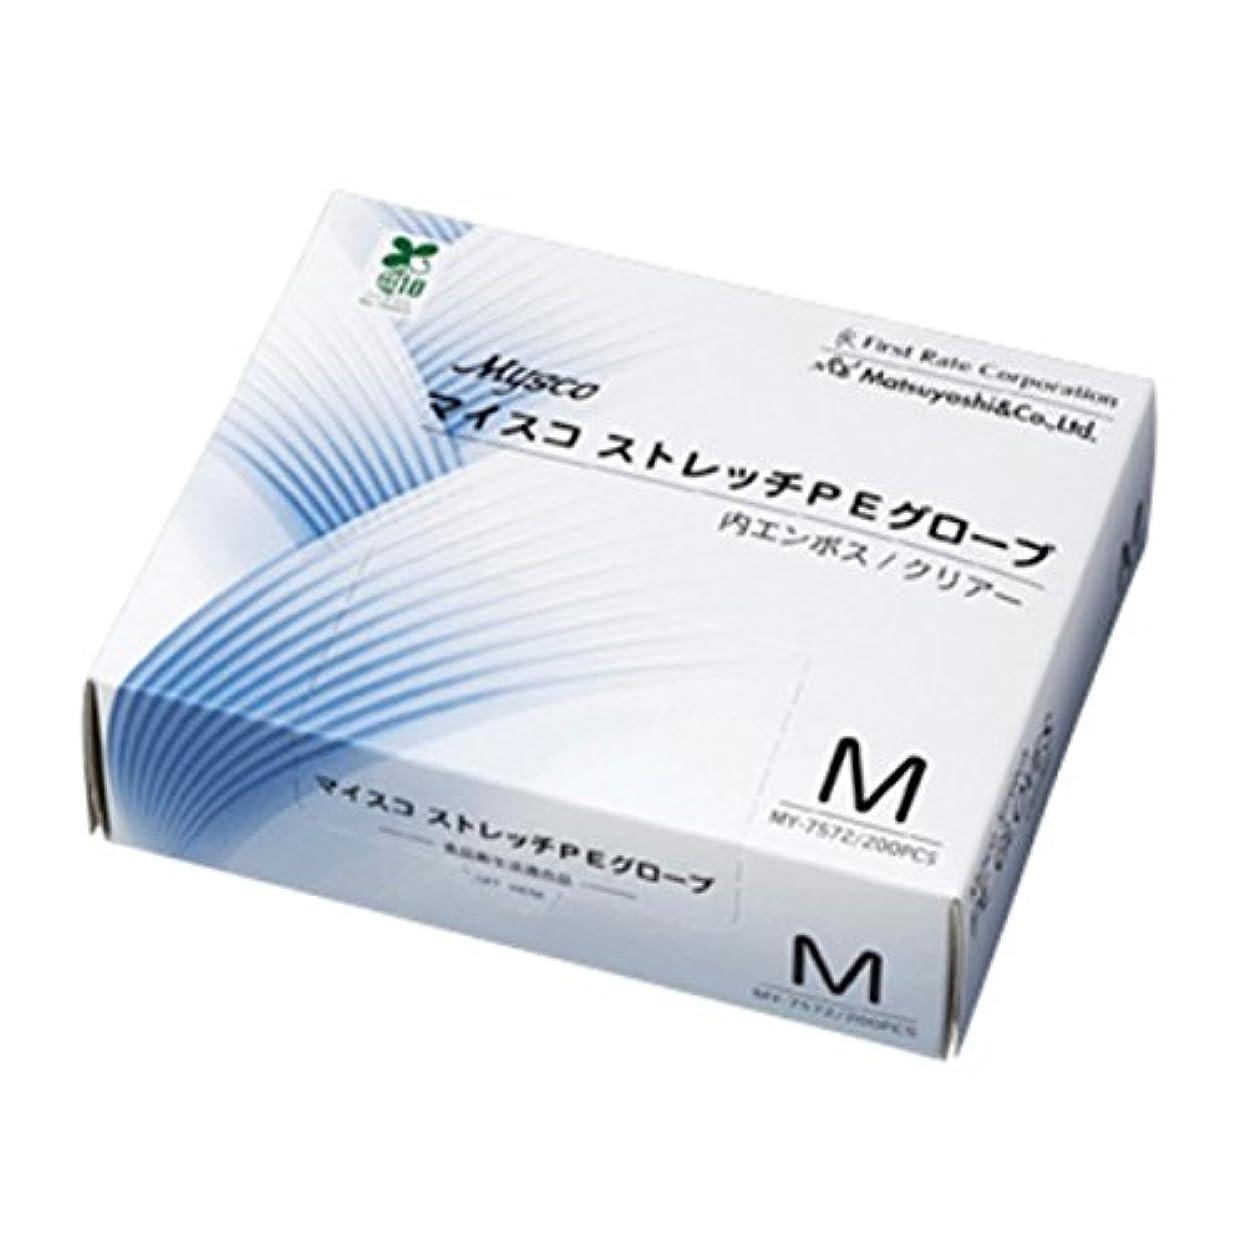 フレット社交的気をつけて【ケース販売】マイスコ ストレッチPEグローブ M 200枚入×40箱